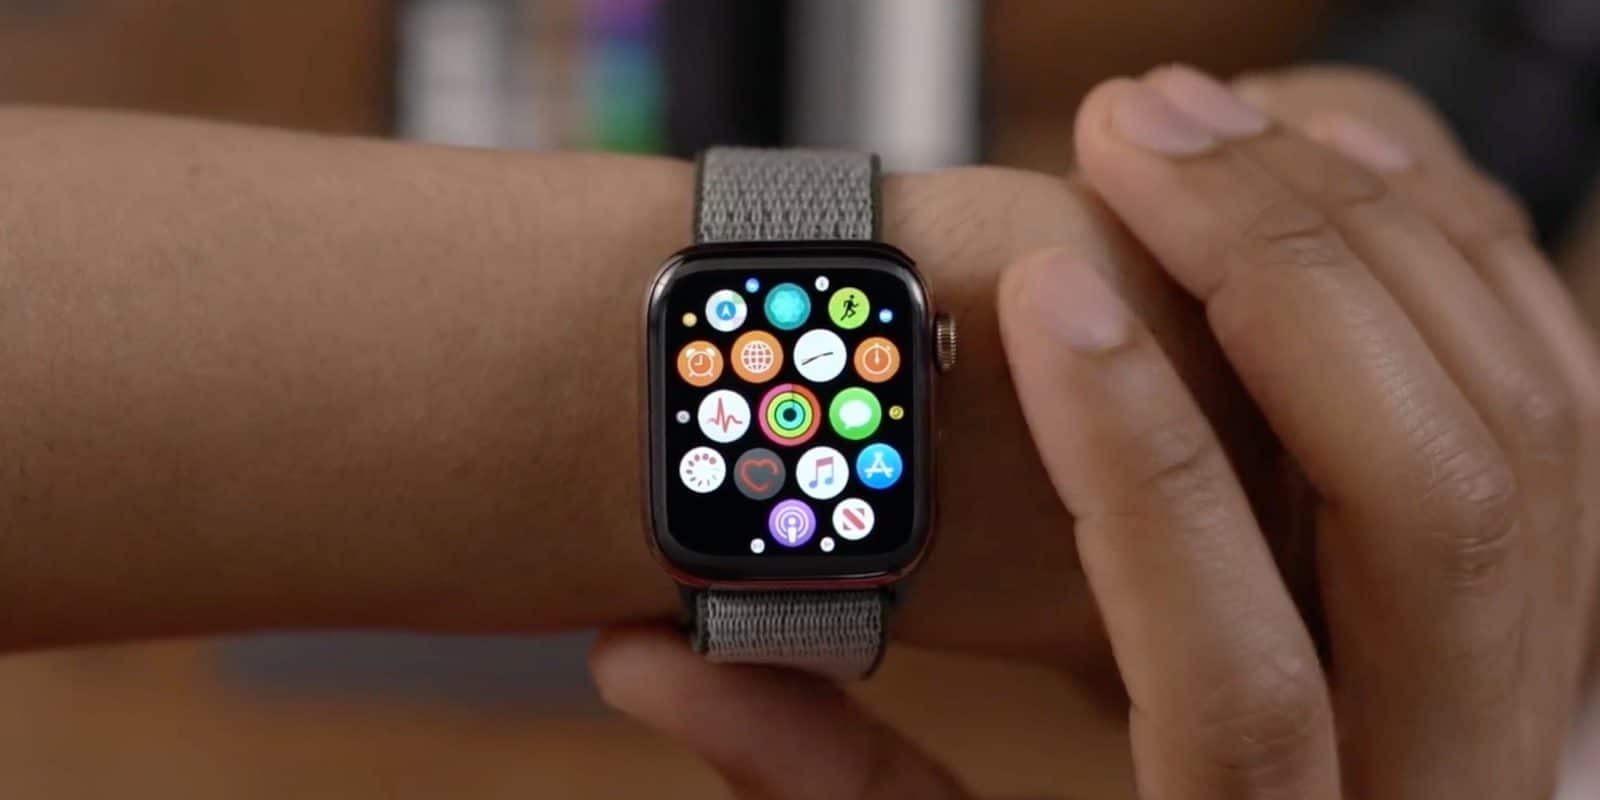 More than 100 million people worldwide wear Apple Watch. TechRechard